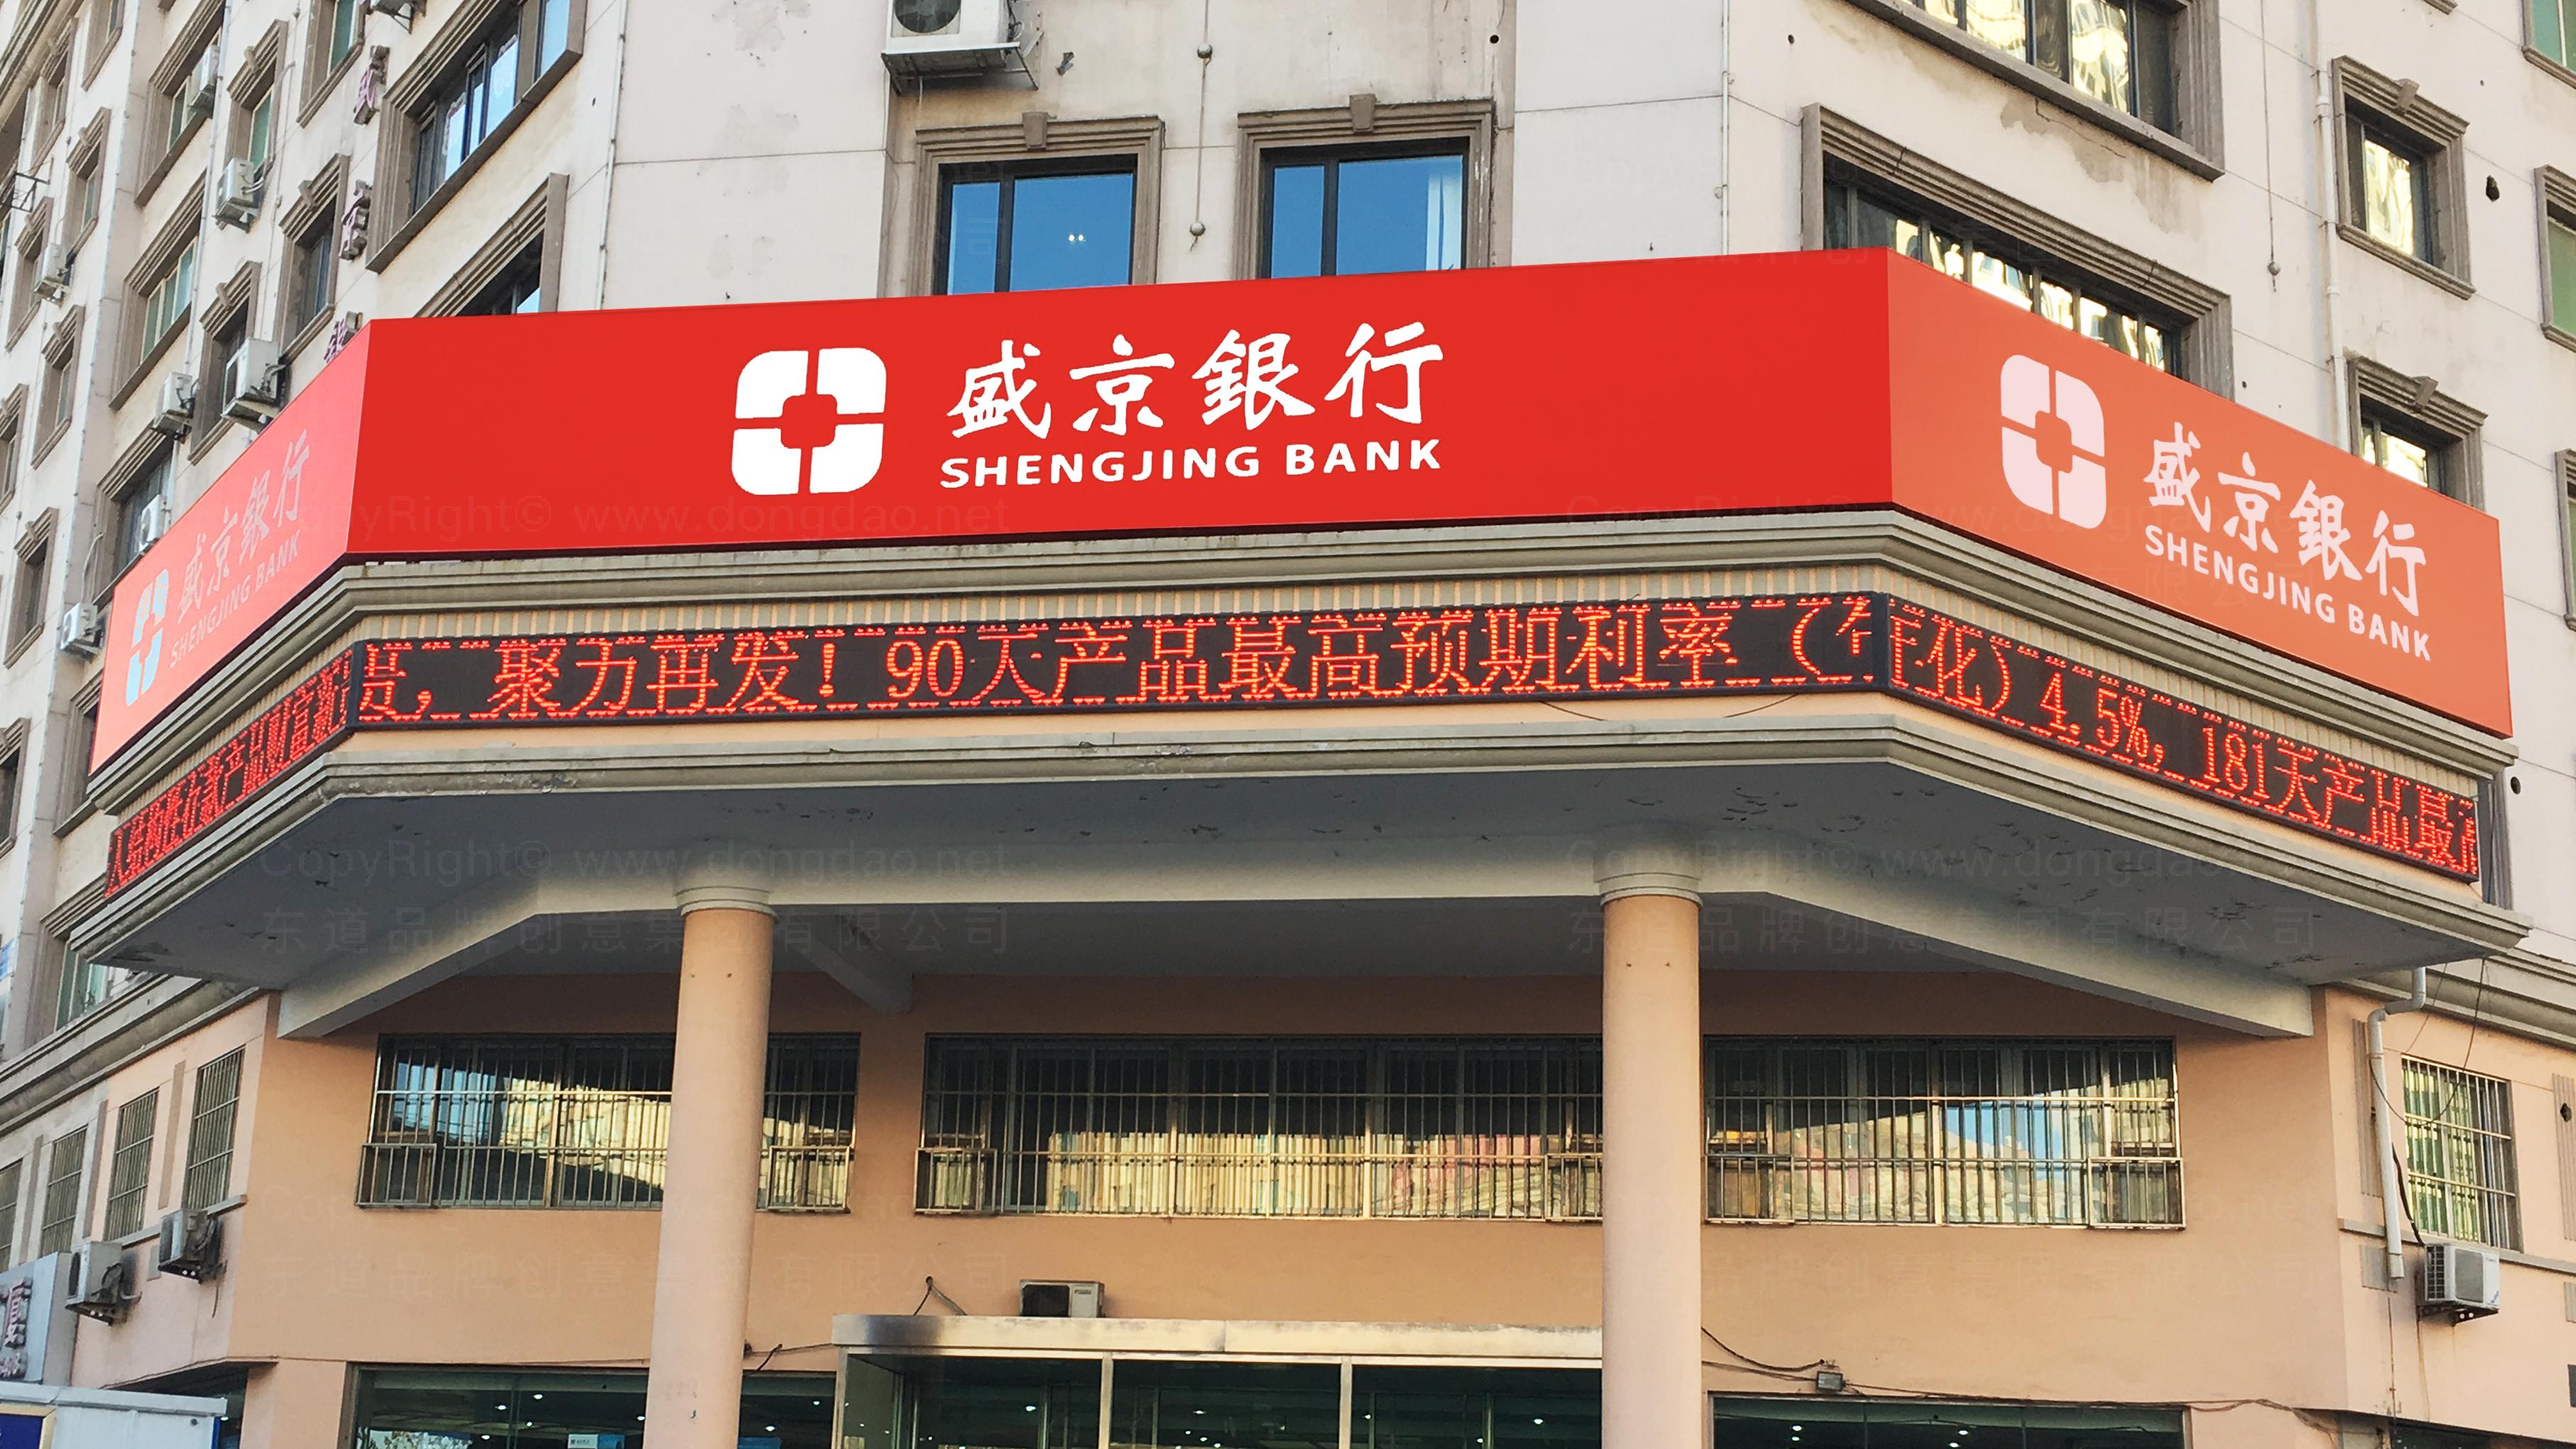 落地工程盛京银行装饰工程标识制作应用场景_4